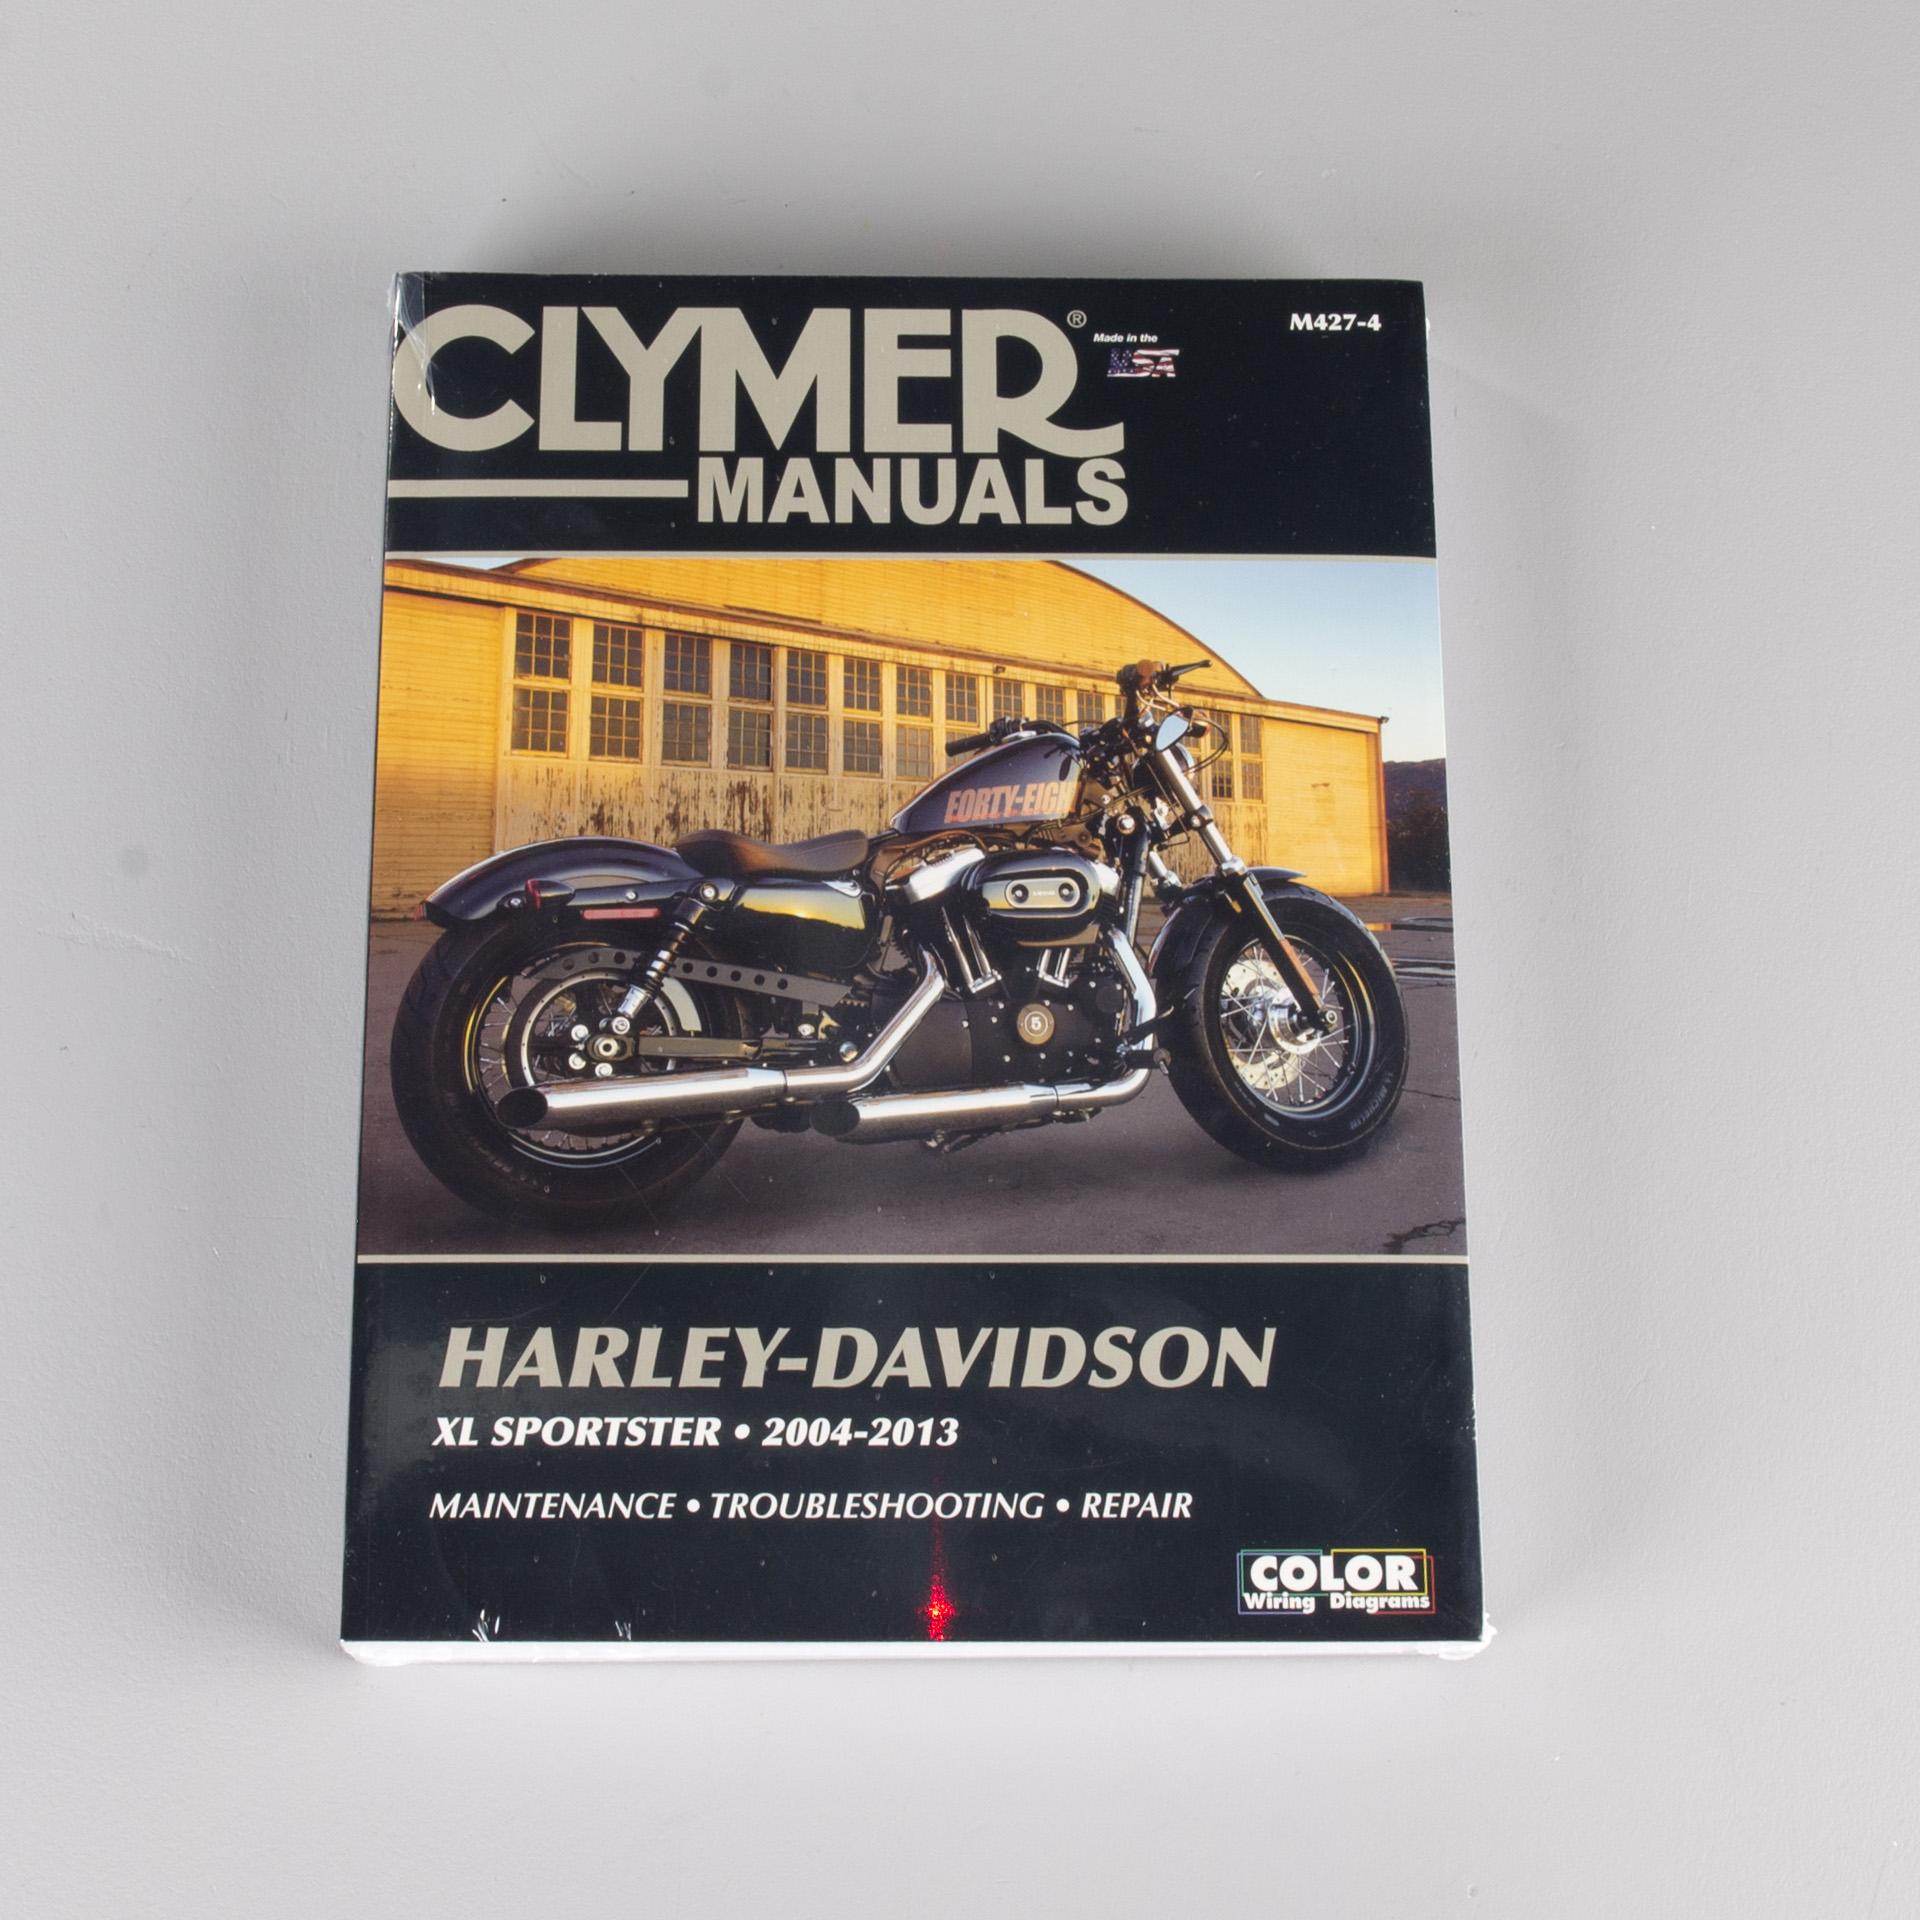 Clymer Repair Manual M427-4